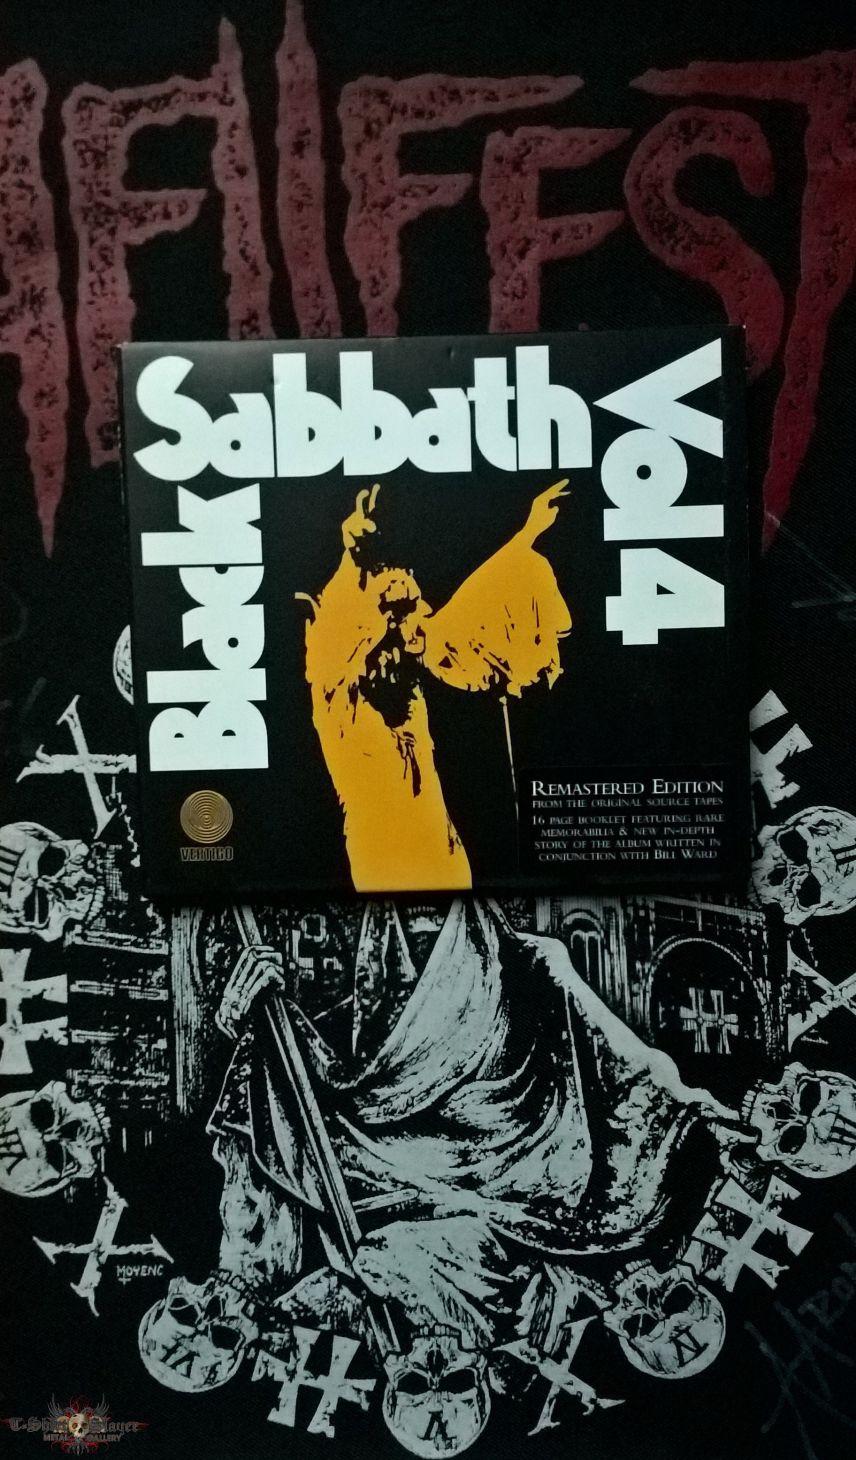 Black Sabbath - Vol. 4 CD